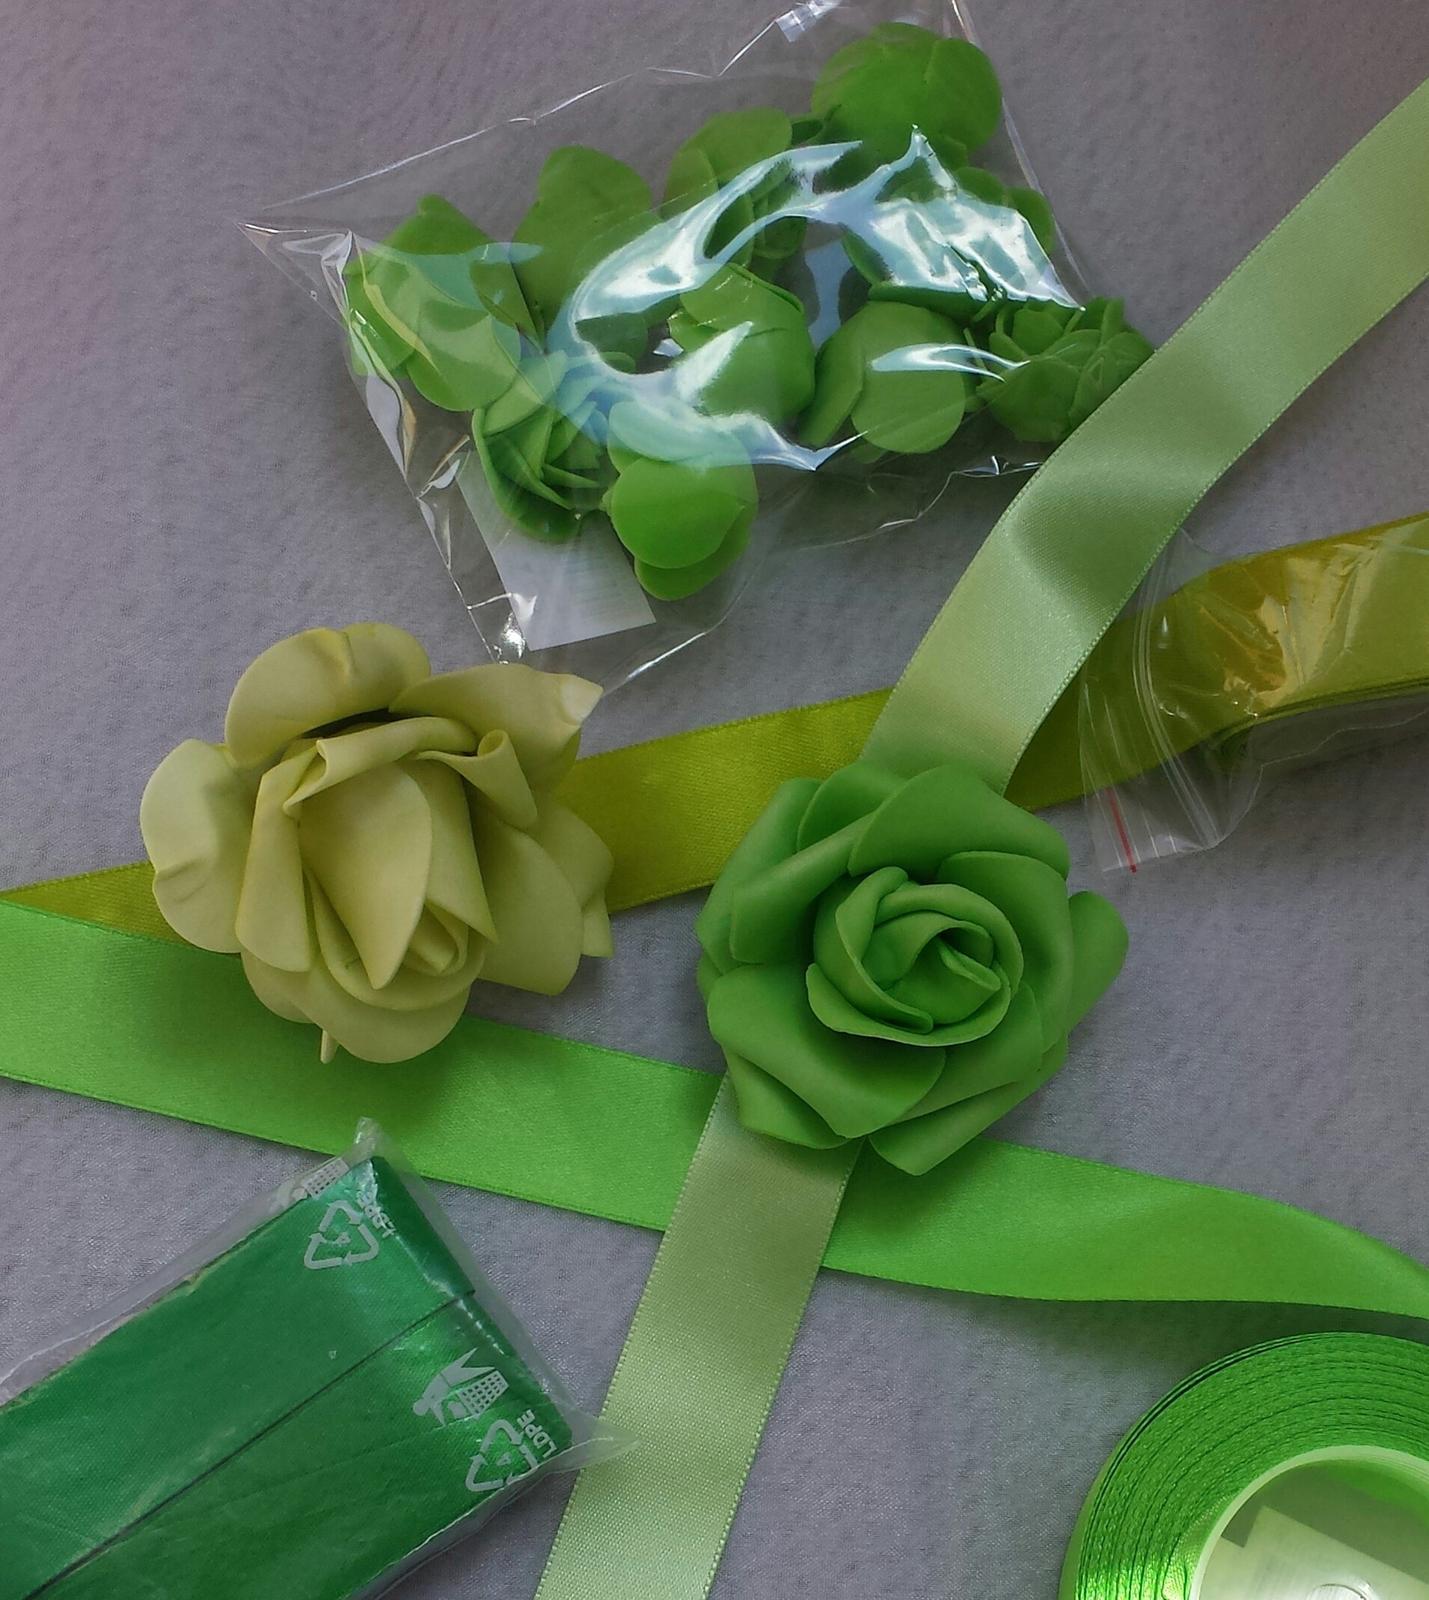 Bílý polštářek pod prstýnky se zelenkavou mašlí - Obrázek č. 2